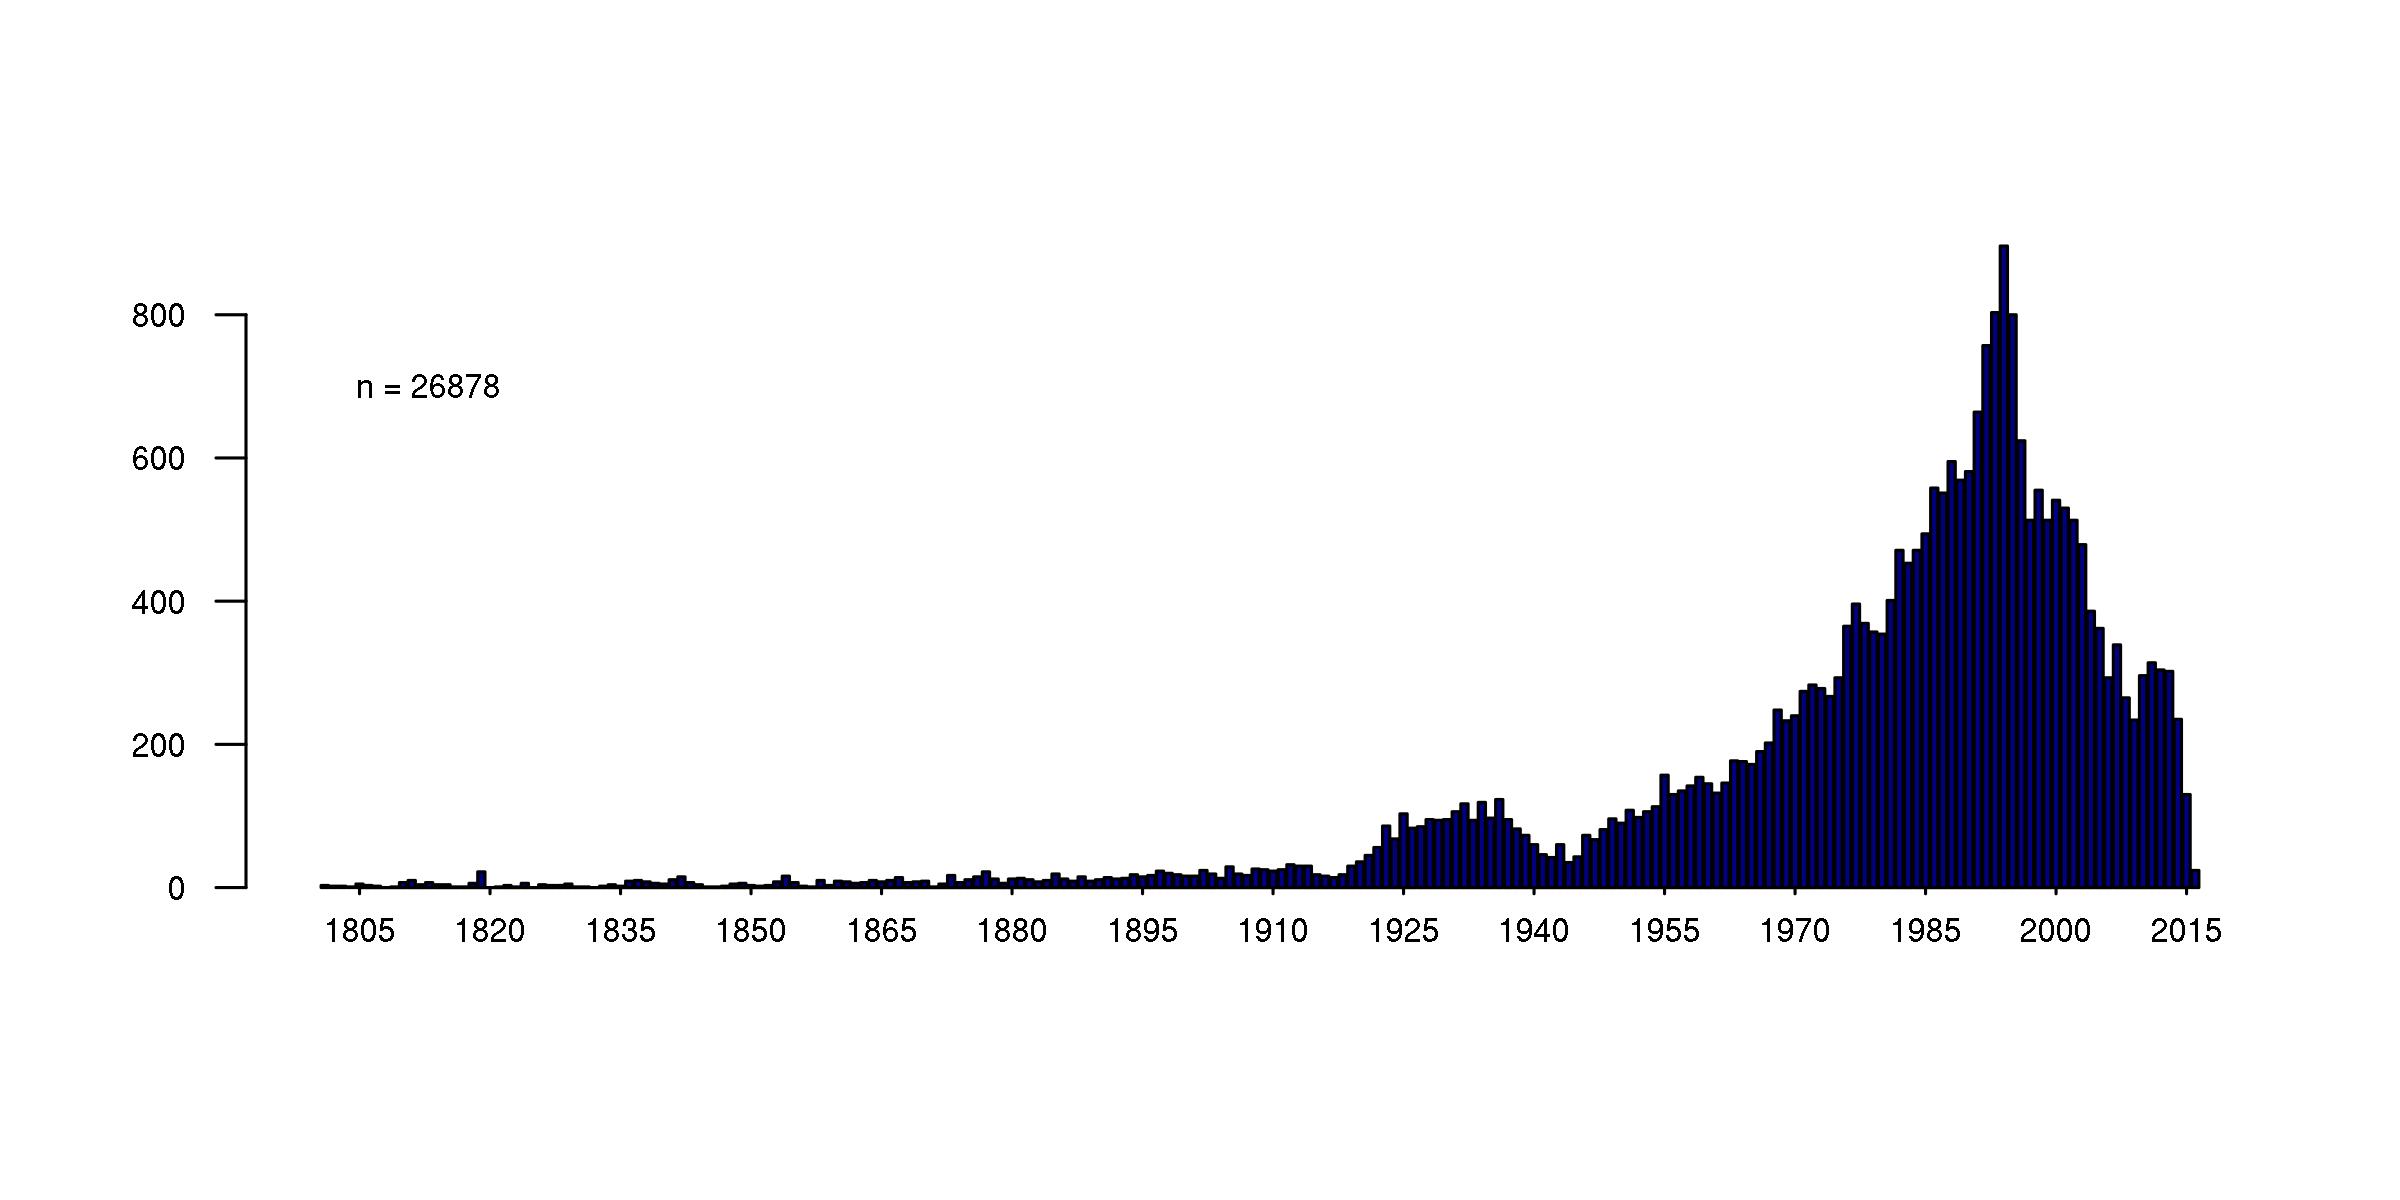 Histogramme de la répartition des ouvrages de la bibliothèque par année de publication de 1800 à 2016. CC BY 4.0 Strupler